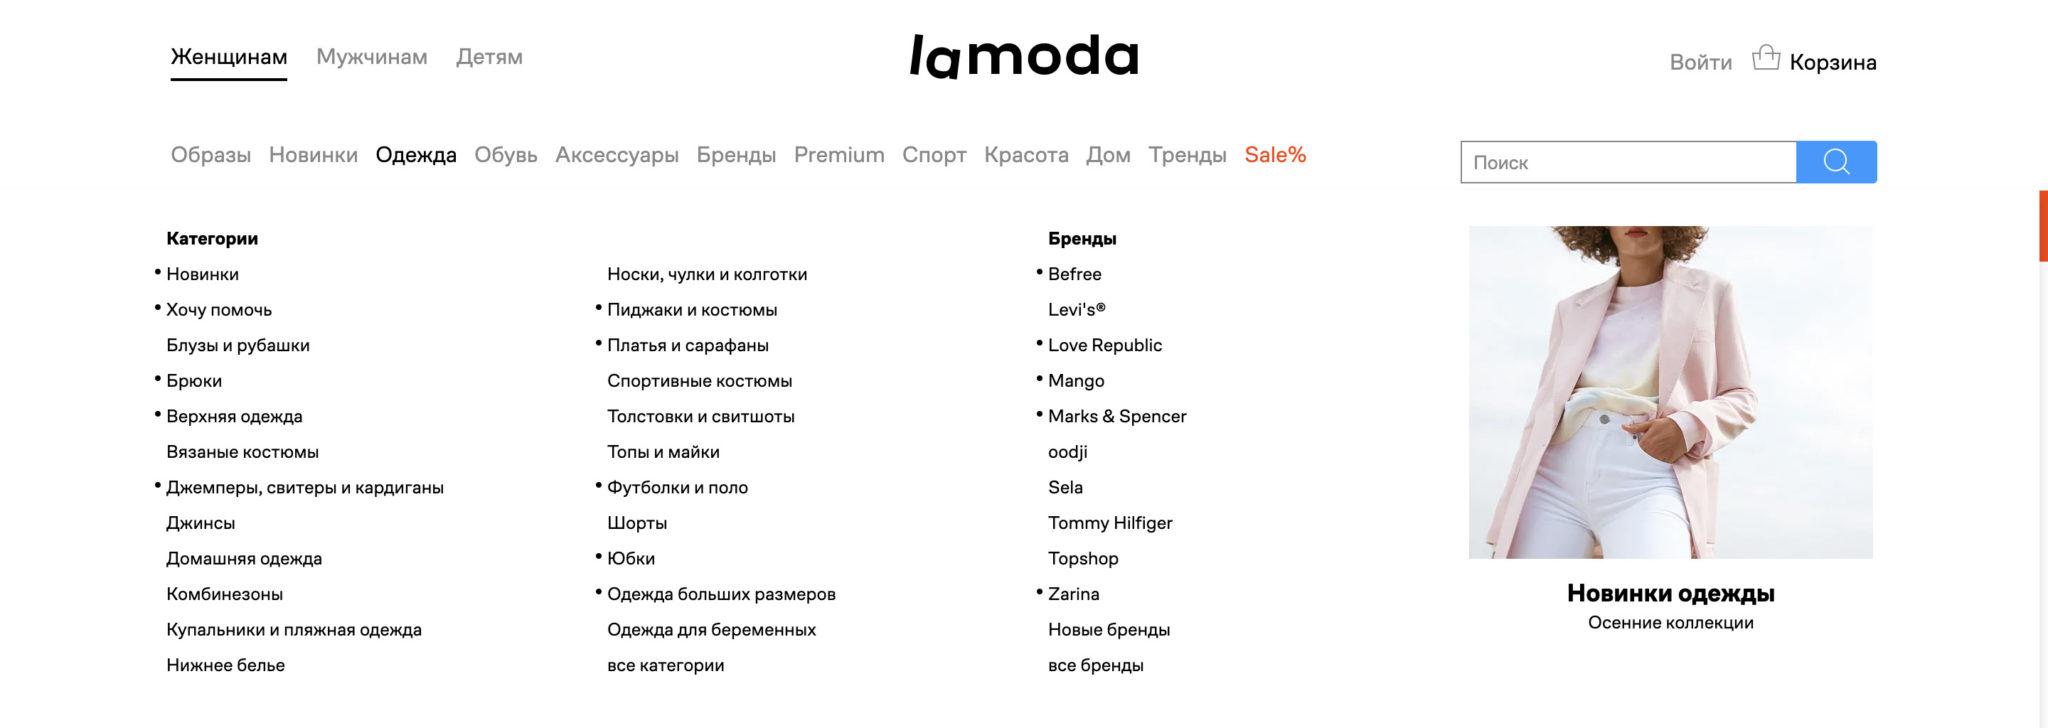 Ламода Интернет Магазин Альметьевск